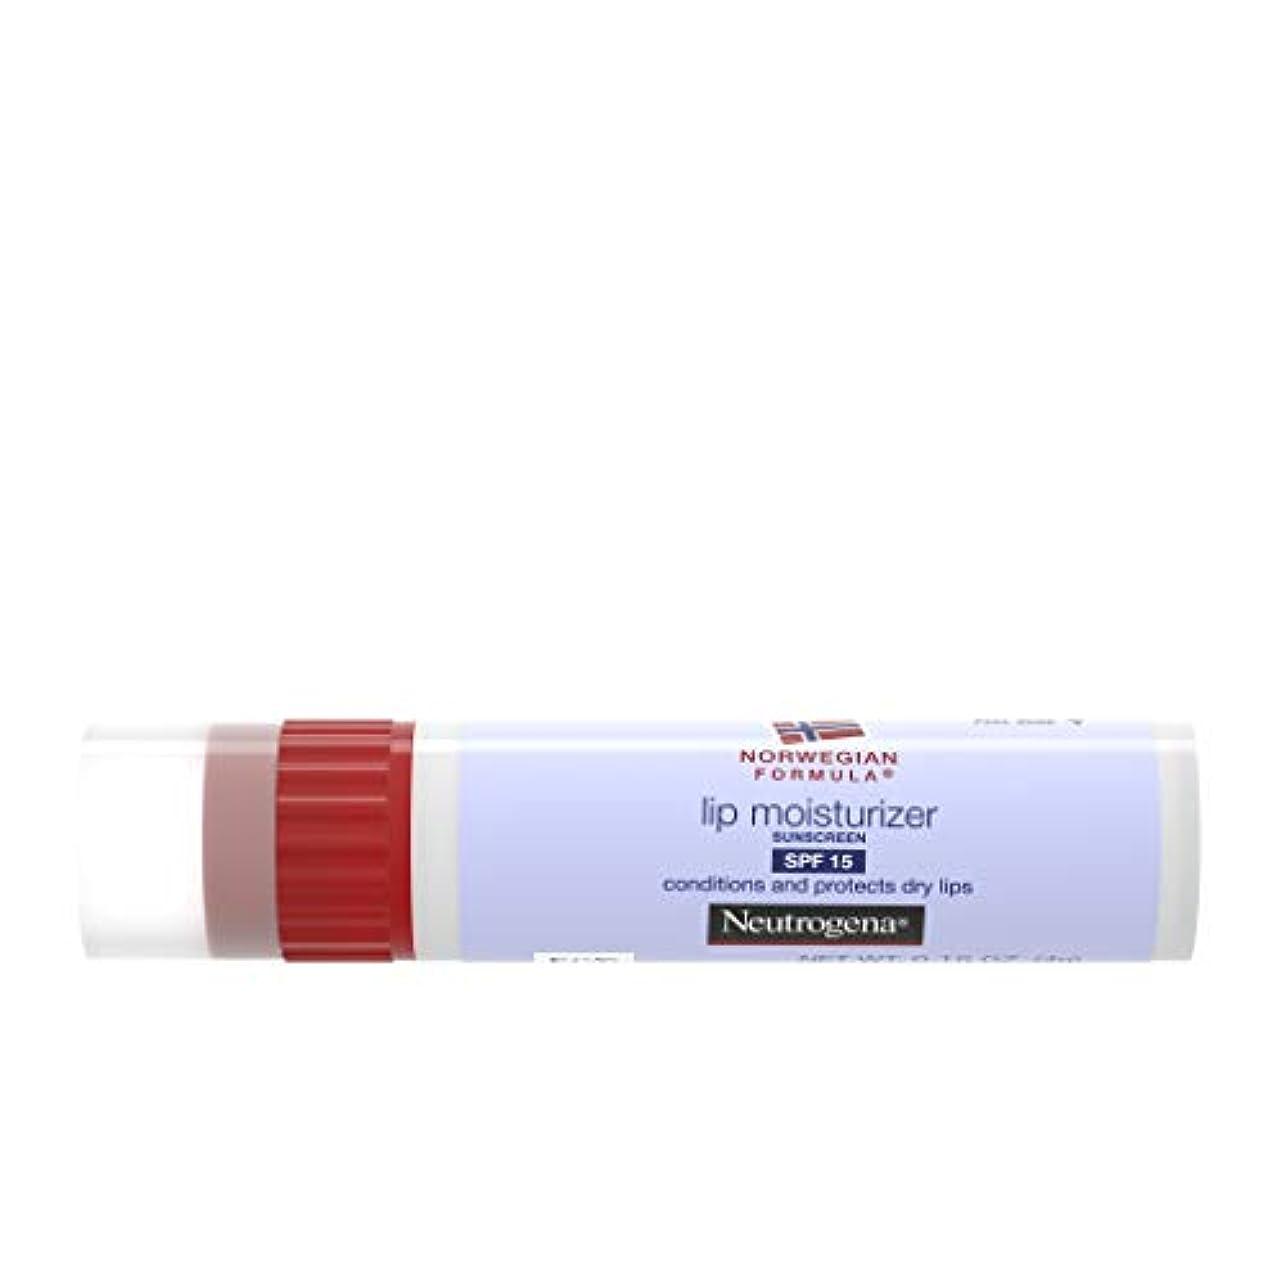 バレエ愛人ティーンエイジャーNeutrogena Norwegian Formula Lip Moisturizer, SPF 15, 0.15 Ounce (並行輸入品)